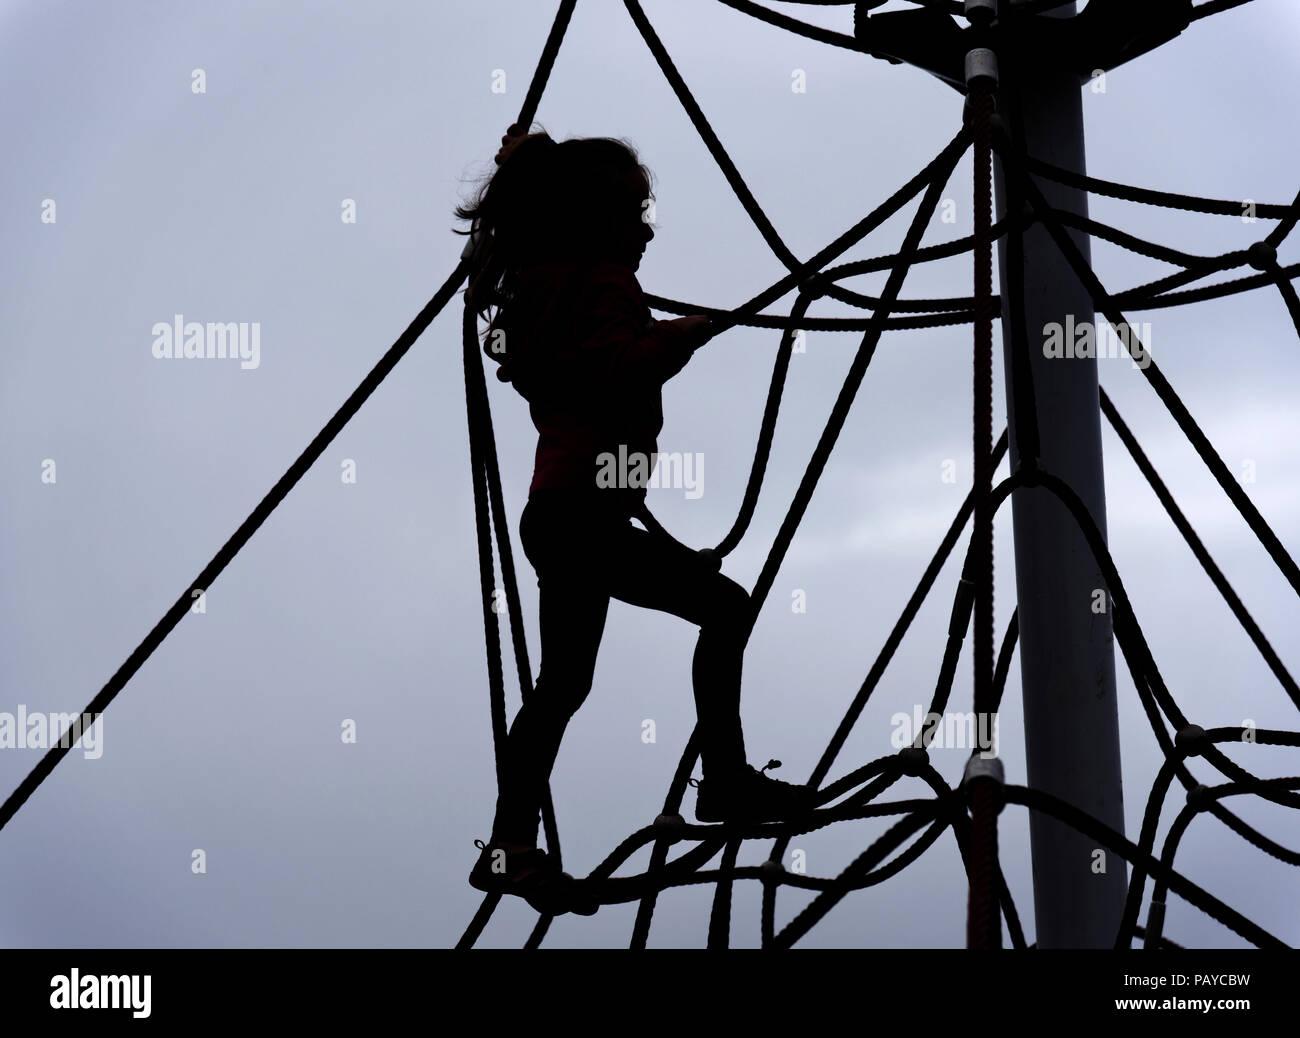 Klettergerüst Aus Seilen : Kleiner süßer junge spielt auf dem klettergerüst und hangelt sich